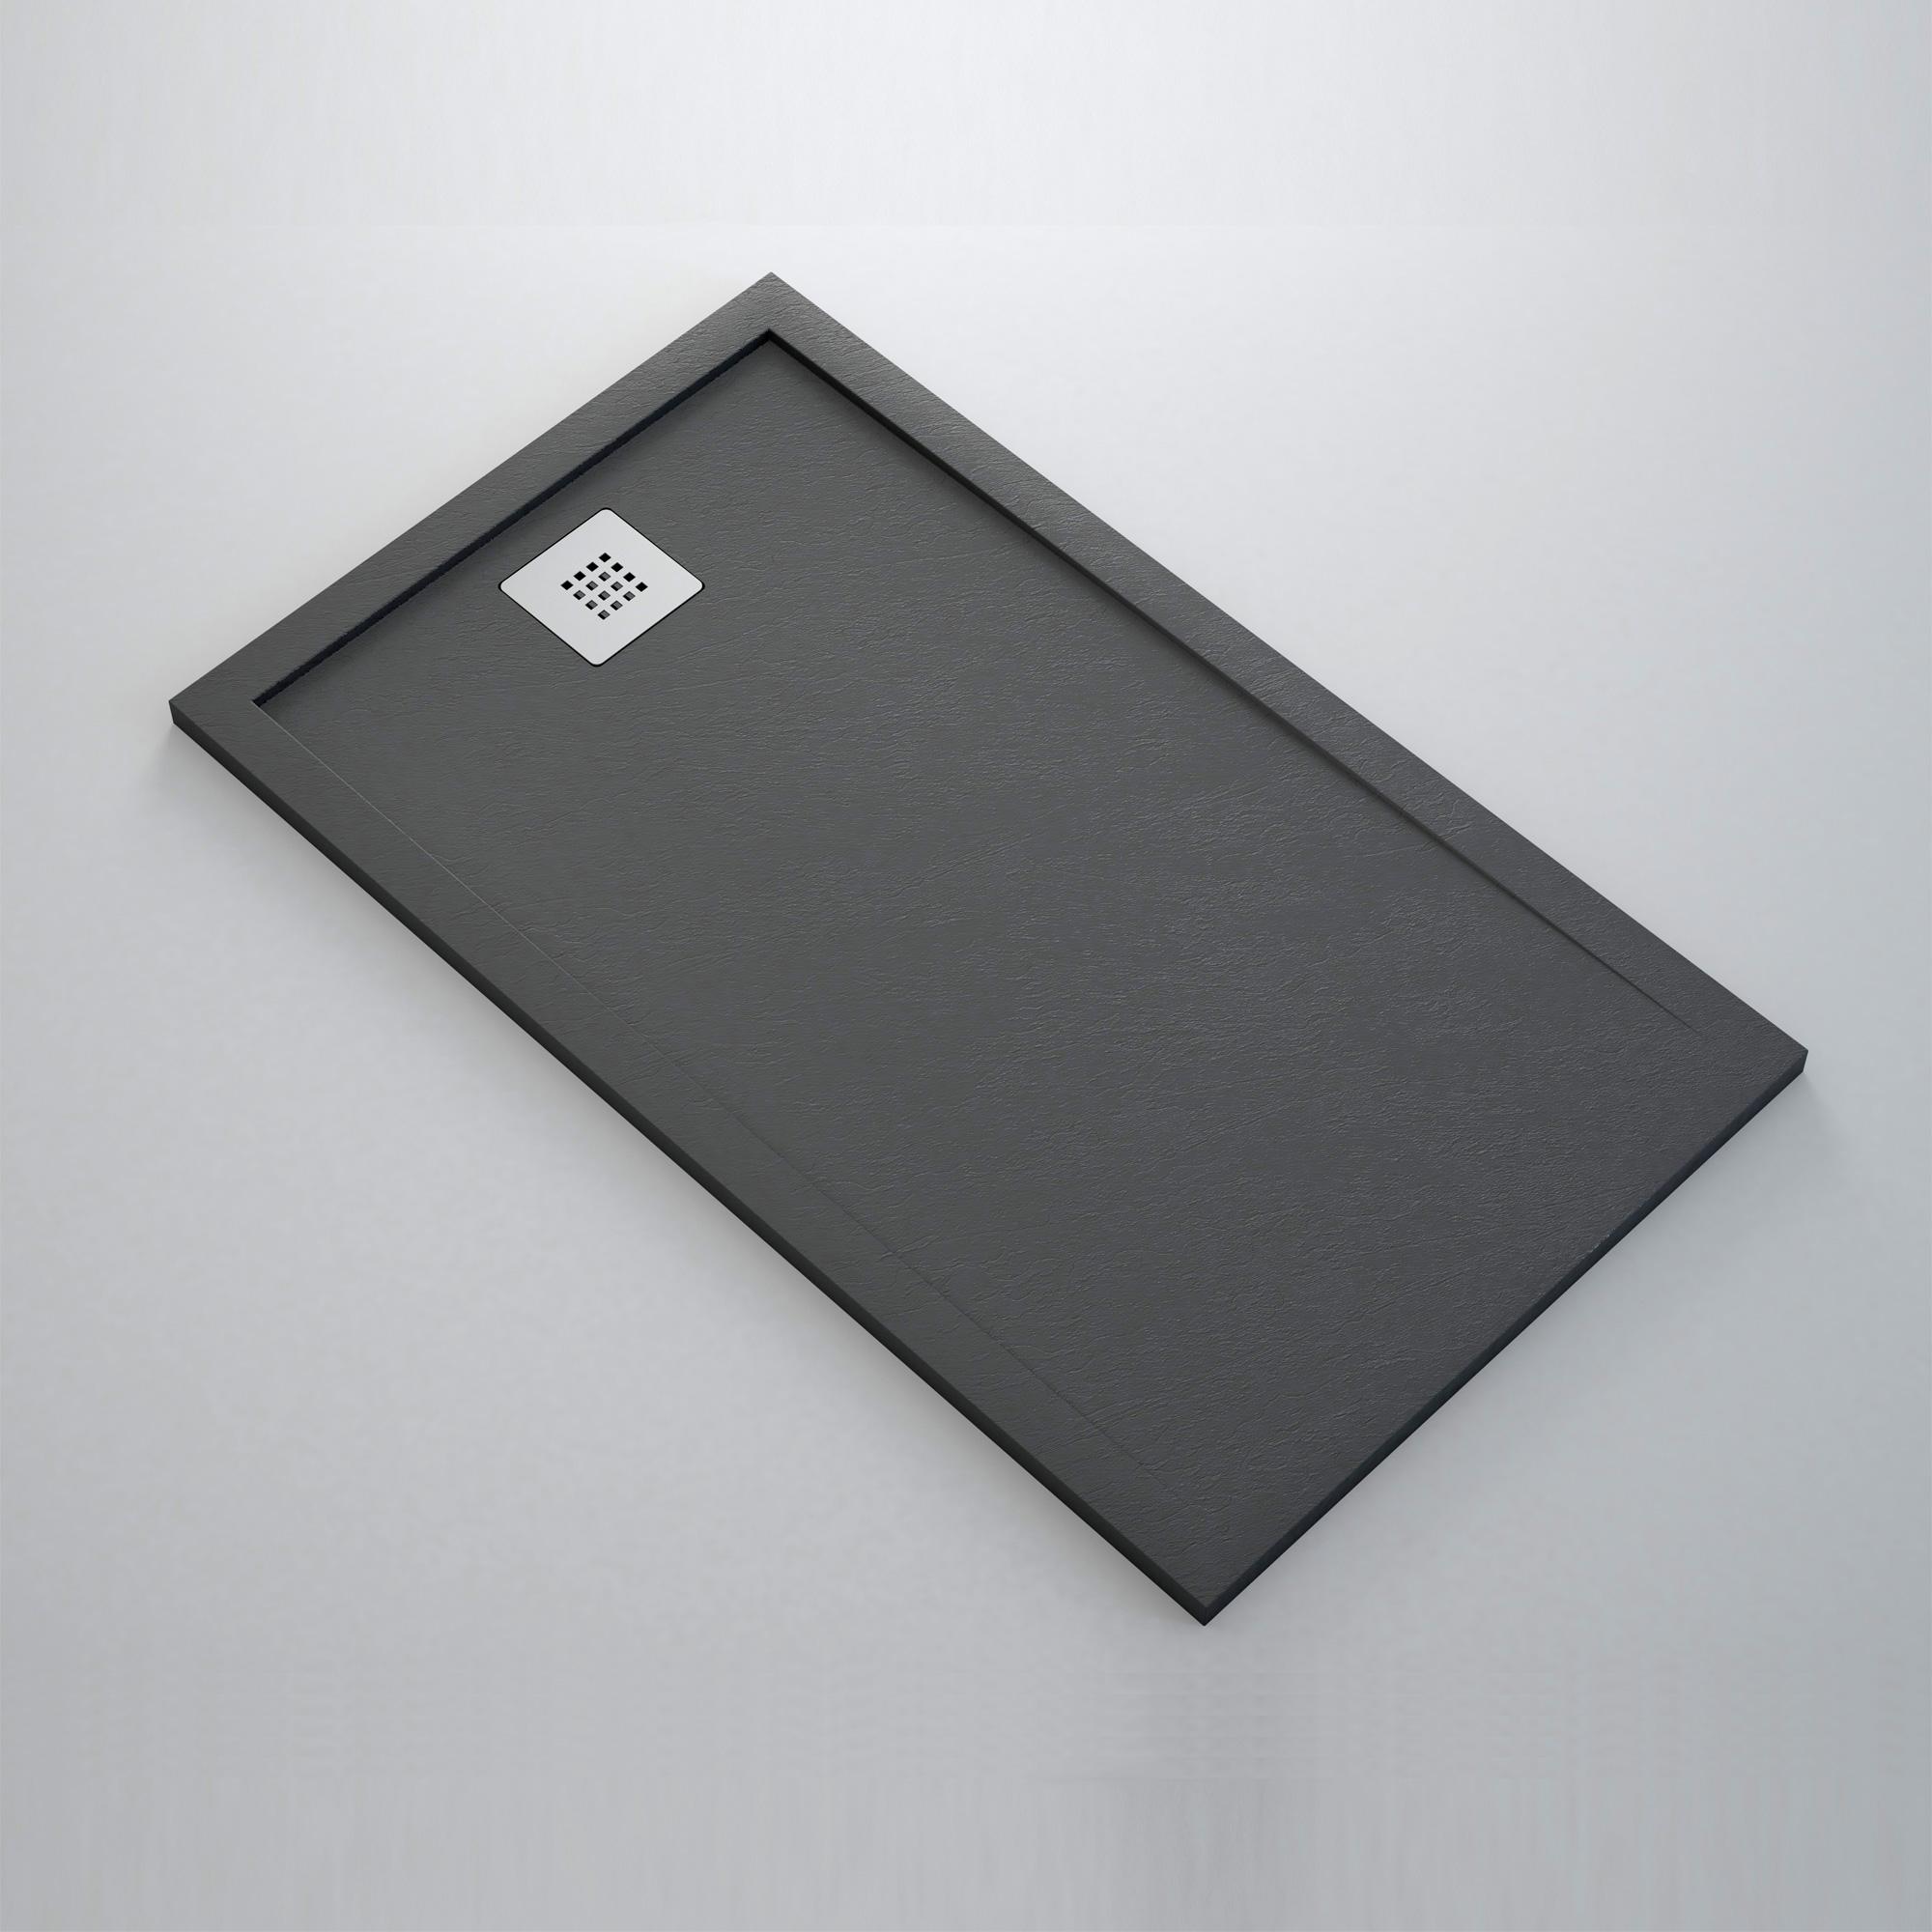 bac douche 90x120 cheap receveur de douche x cm x mm en rsine minrale extra plat with bac. Black Bedroom Furniture Sets. Home Design Ideas